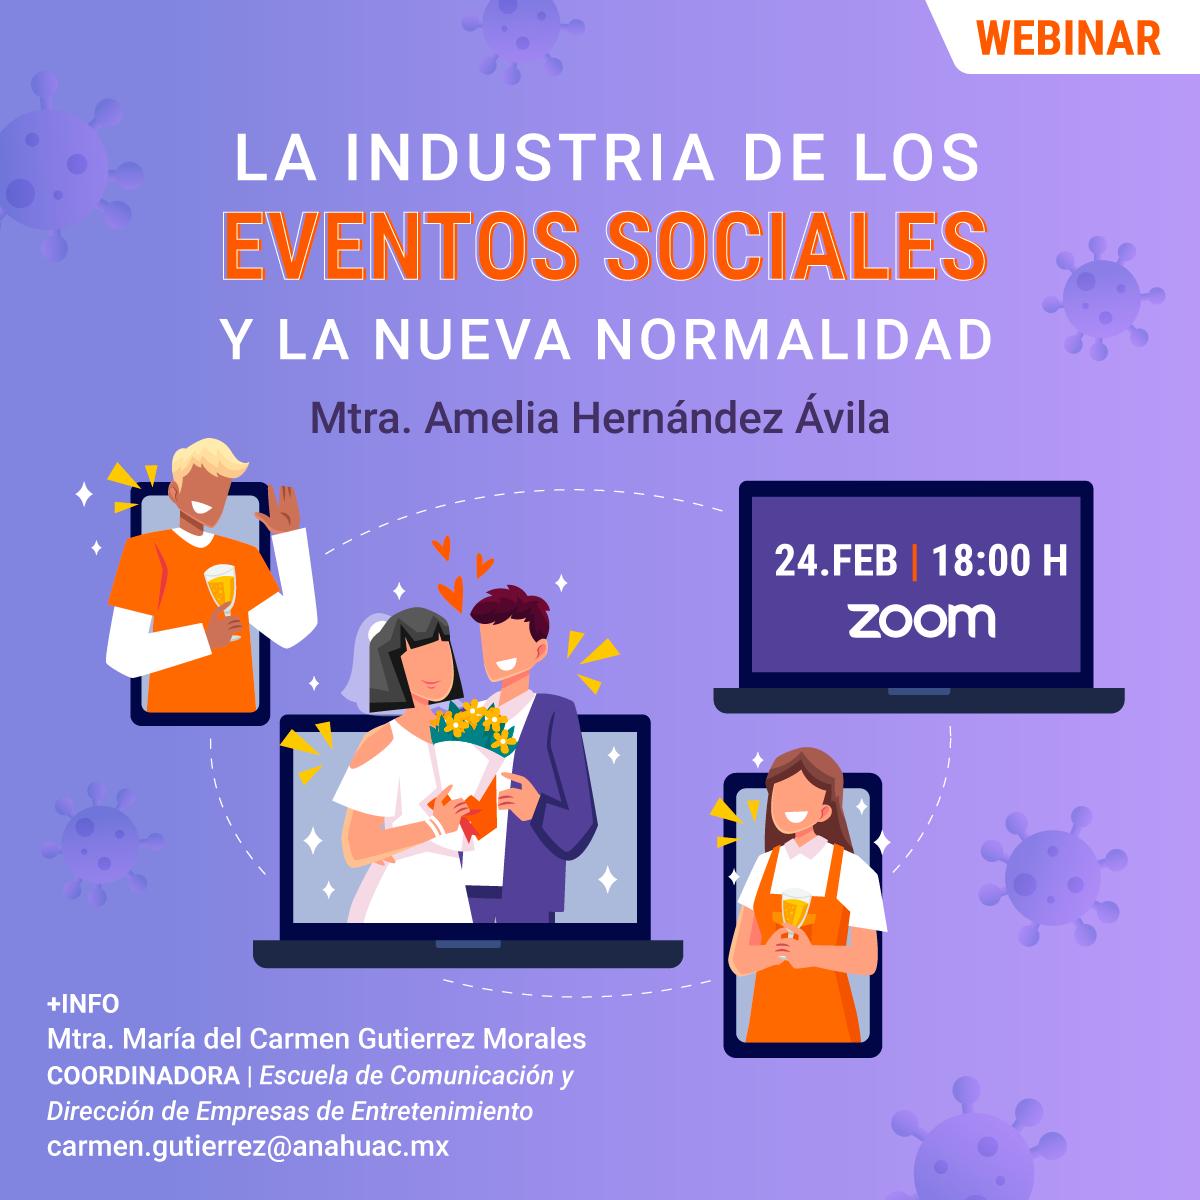 La Industria de los Eventos Sociales y la Nueva Normalidad